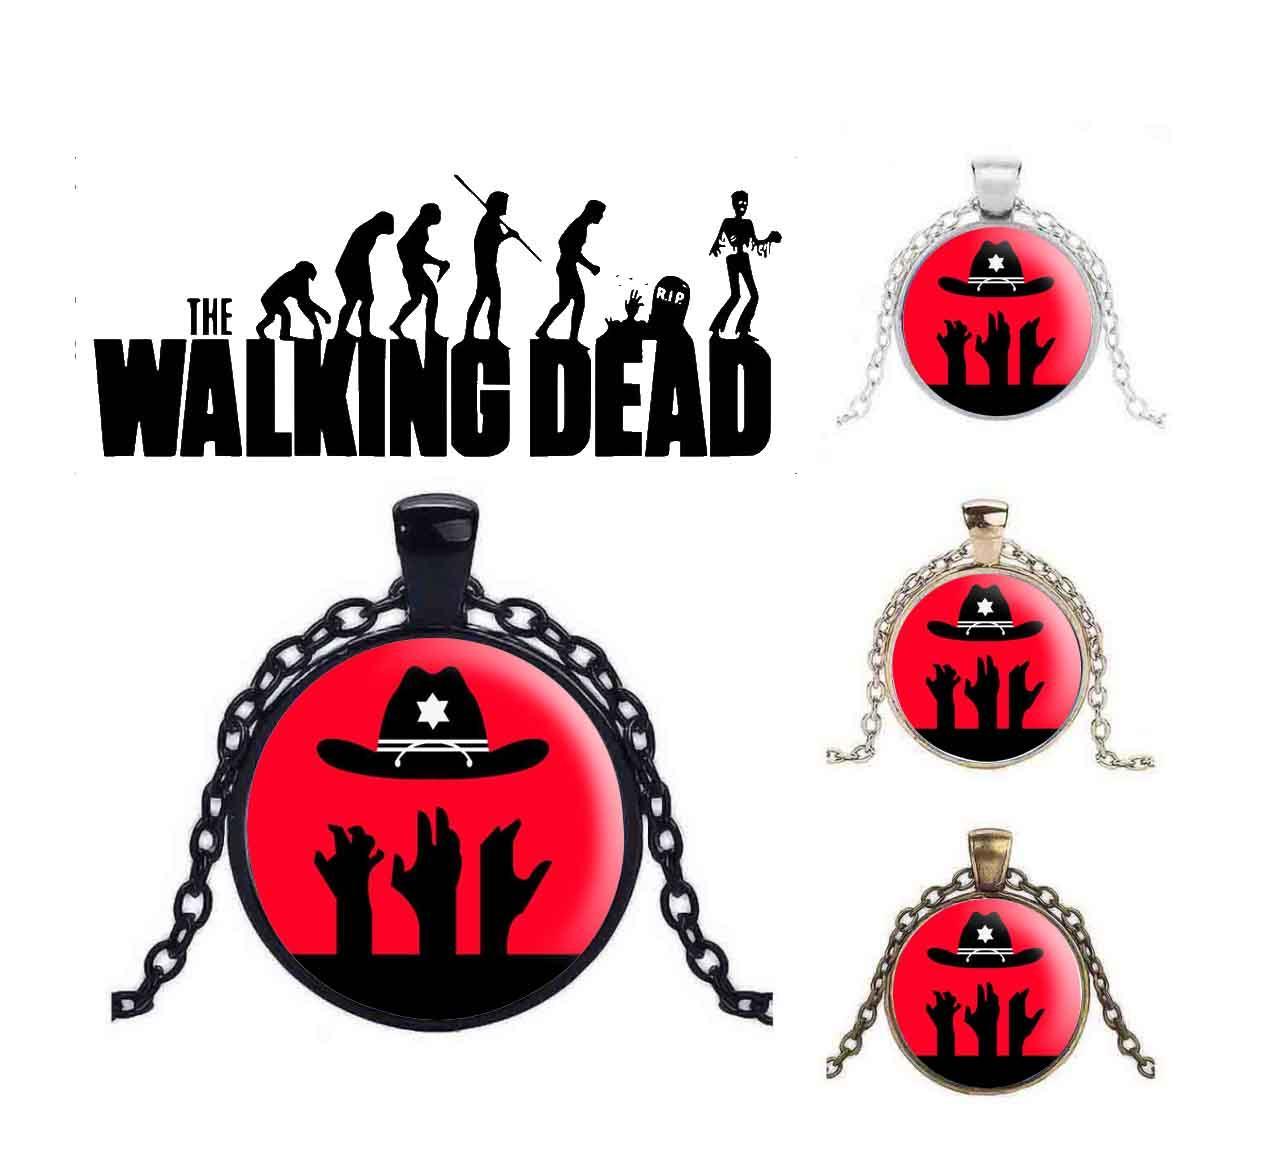 Кулон Ходячие Мертвецы/ The Walking Dead  красный со шляпой Рика